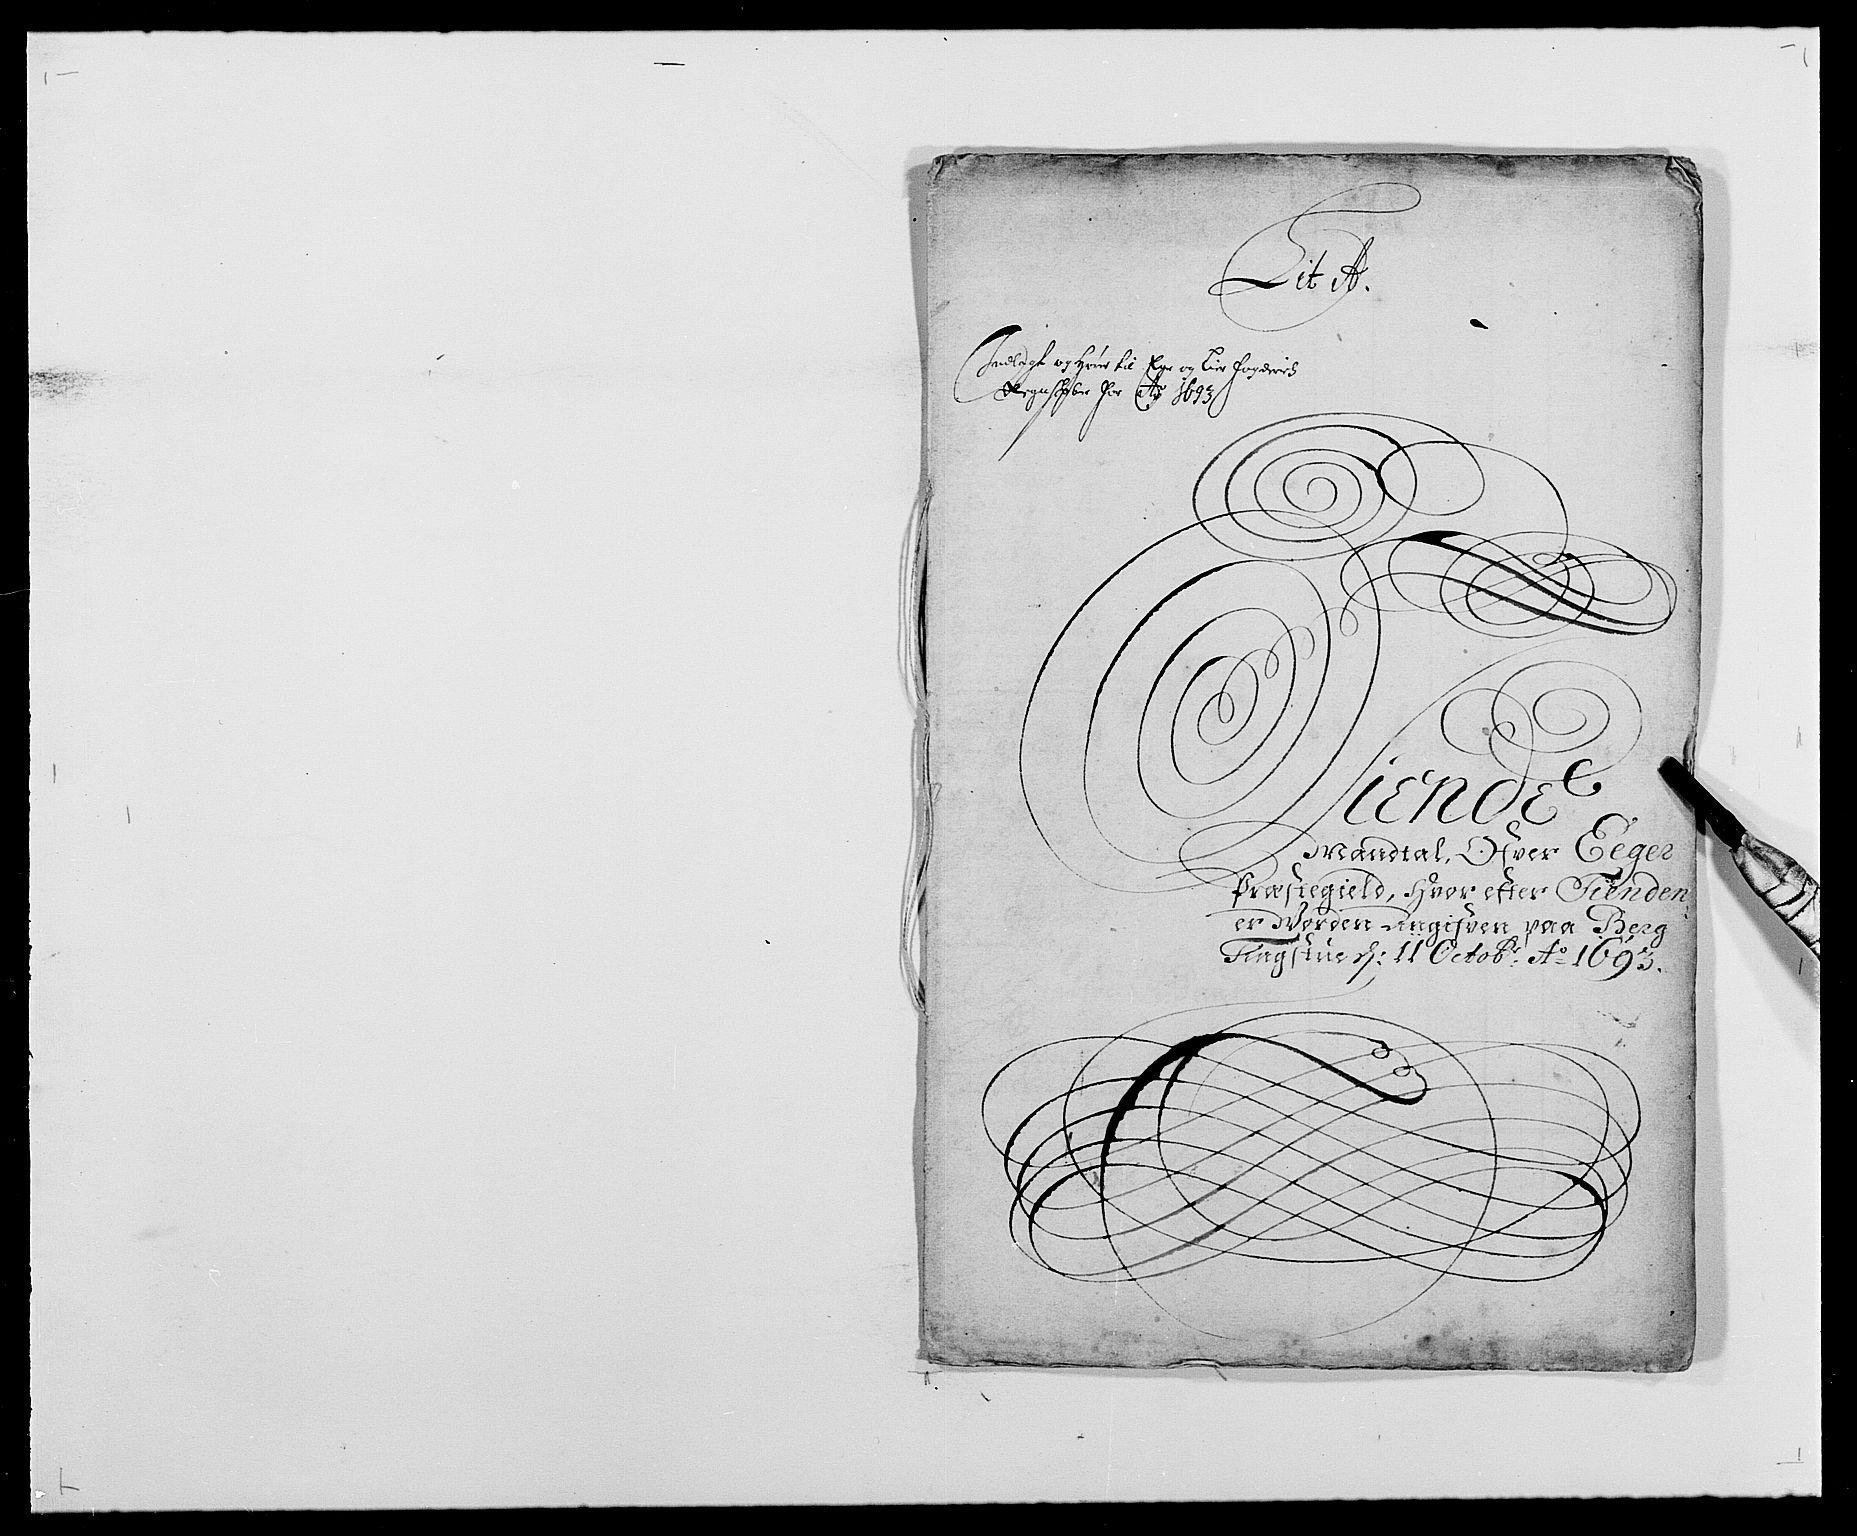 RA, Rentekammeret inntil 1814, Reviderte regnskaper, Fogderegnskap, R28/L1690: Fogderegnskap Eiker og Lier, 1692-1693, s. 132